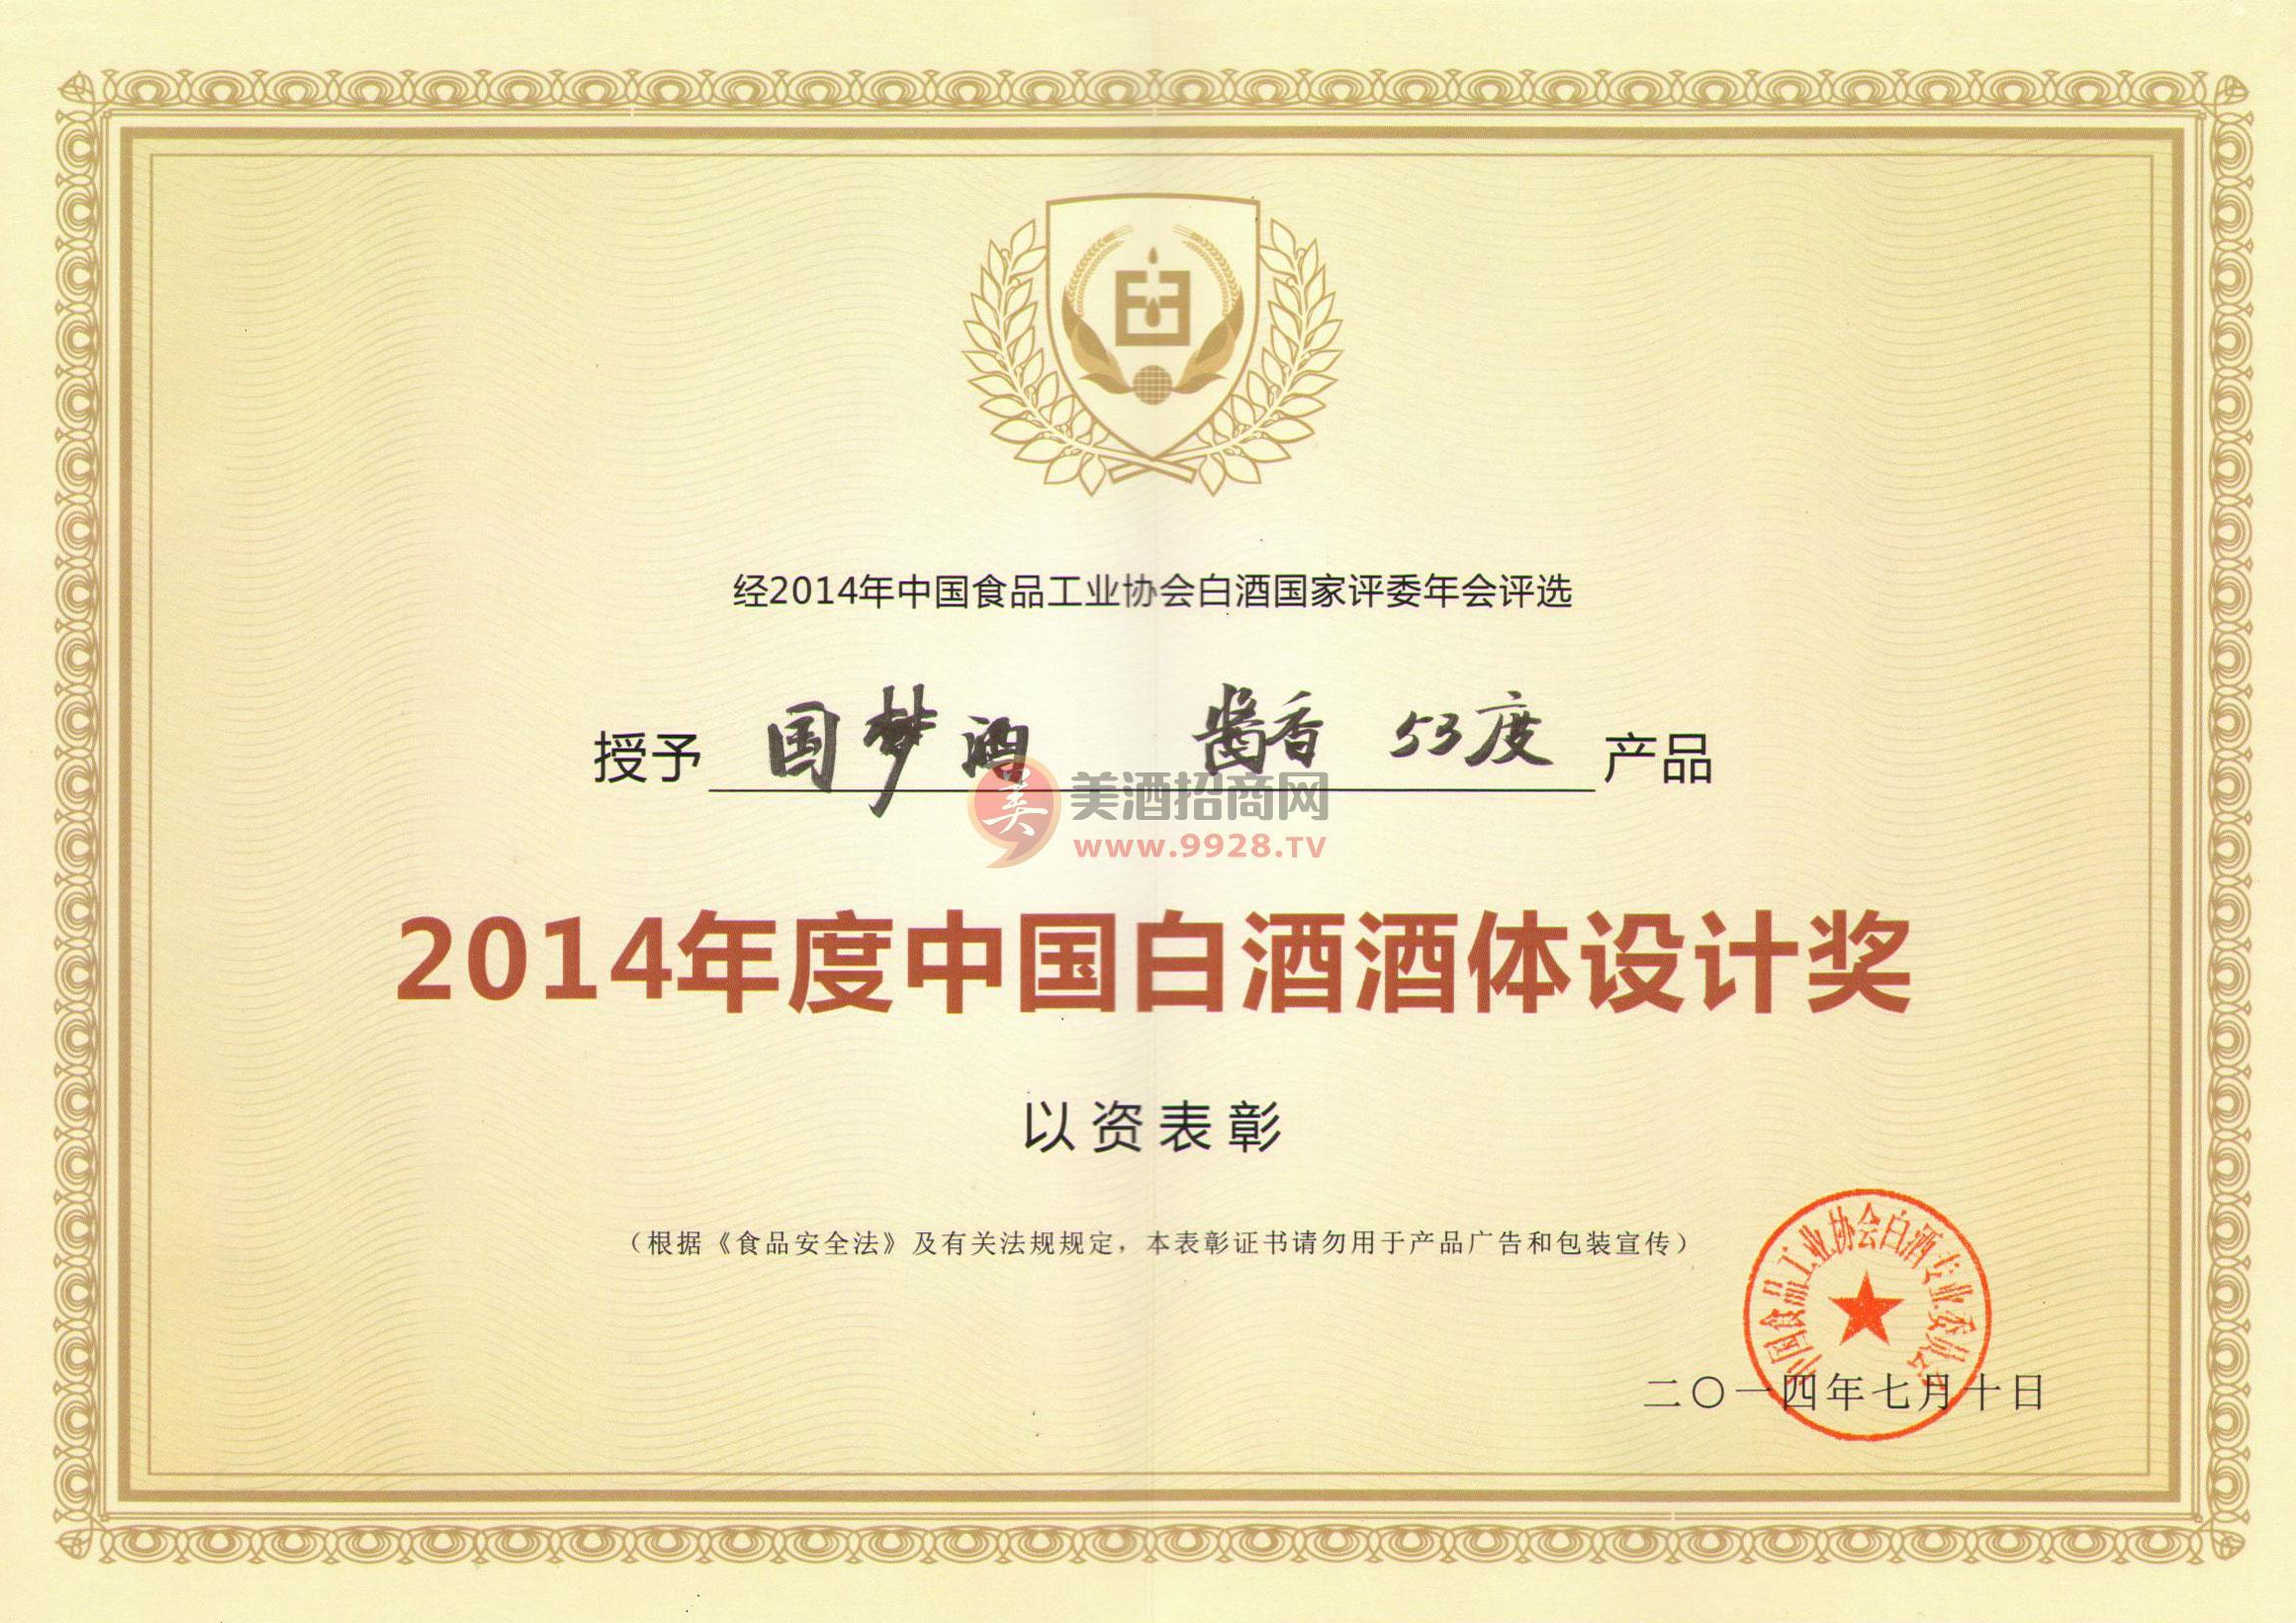 2014年度中国白酒酒体设计奖